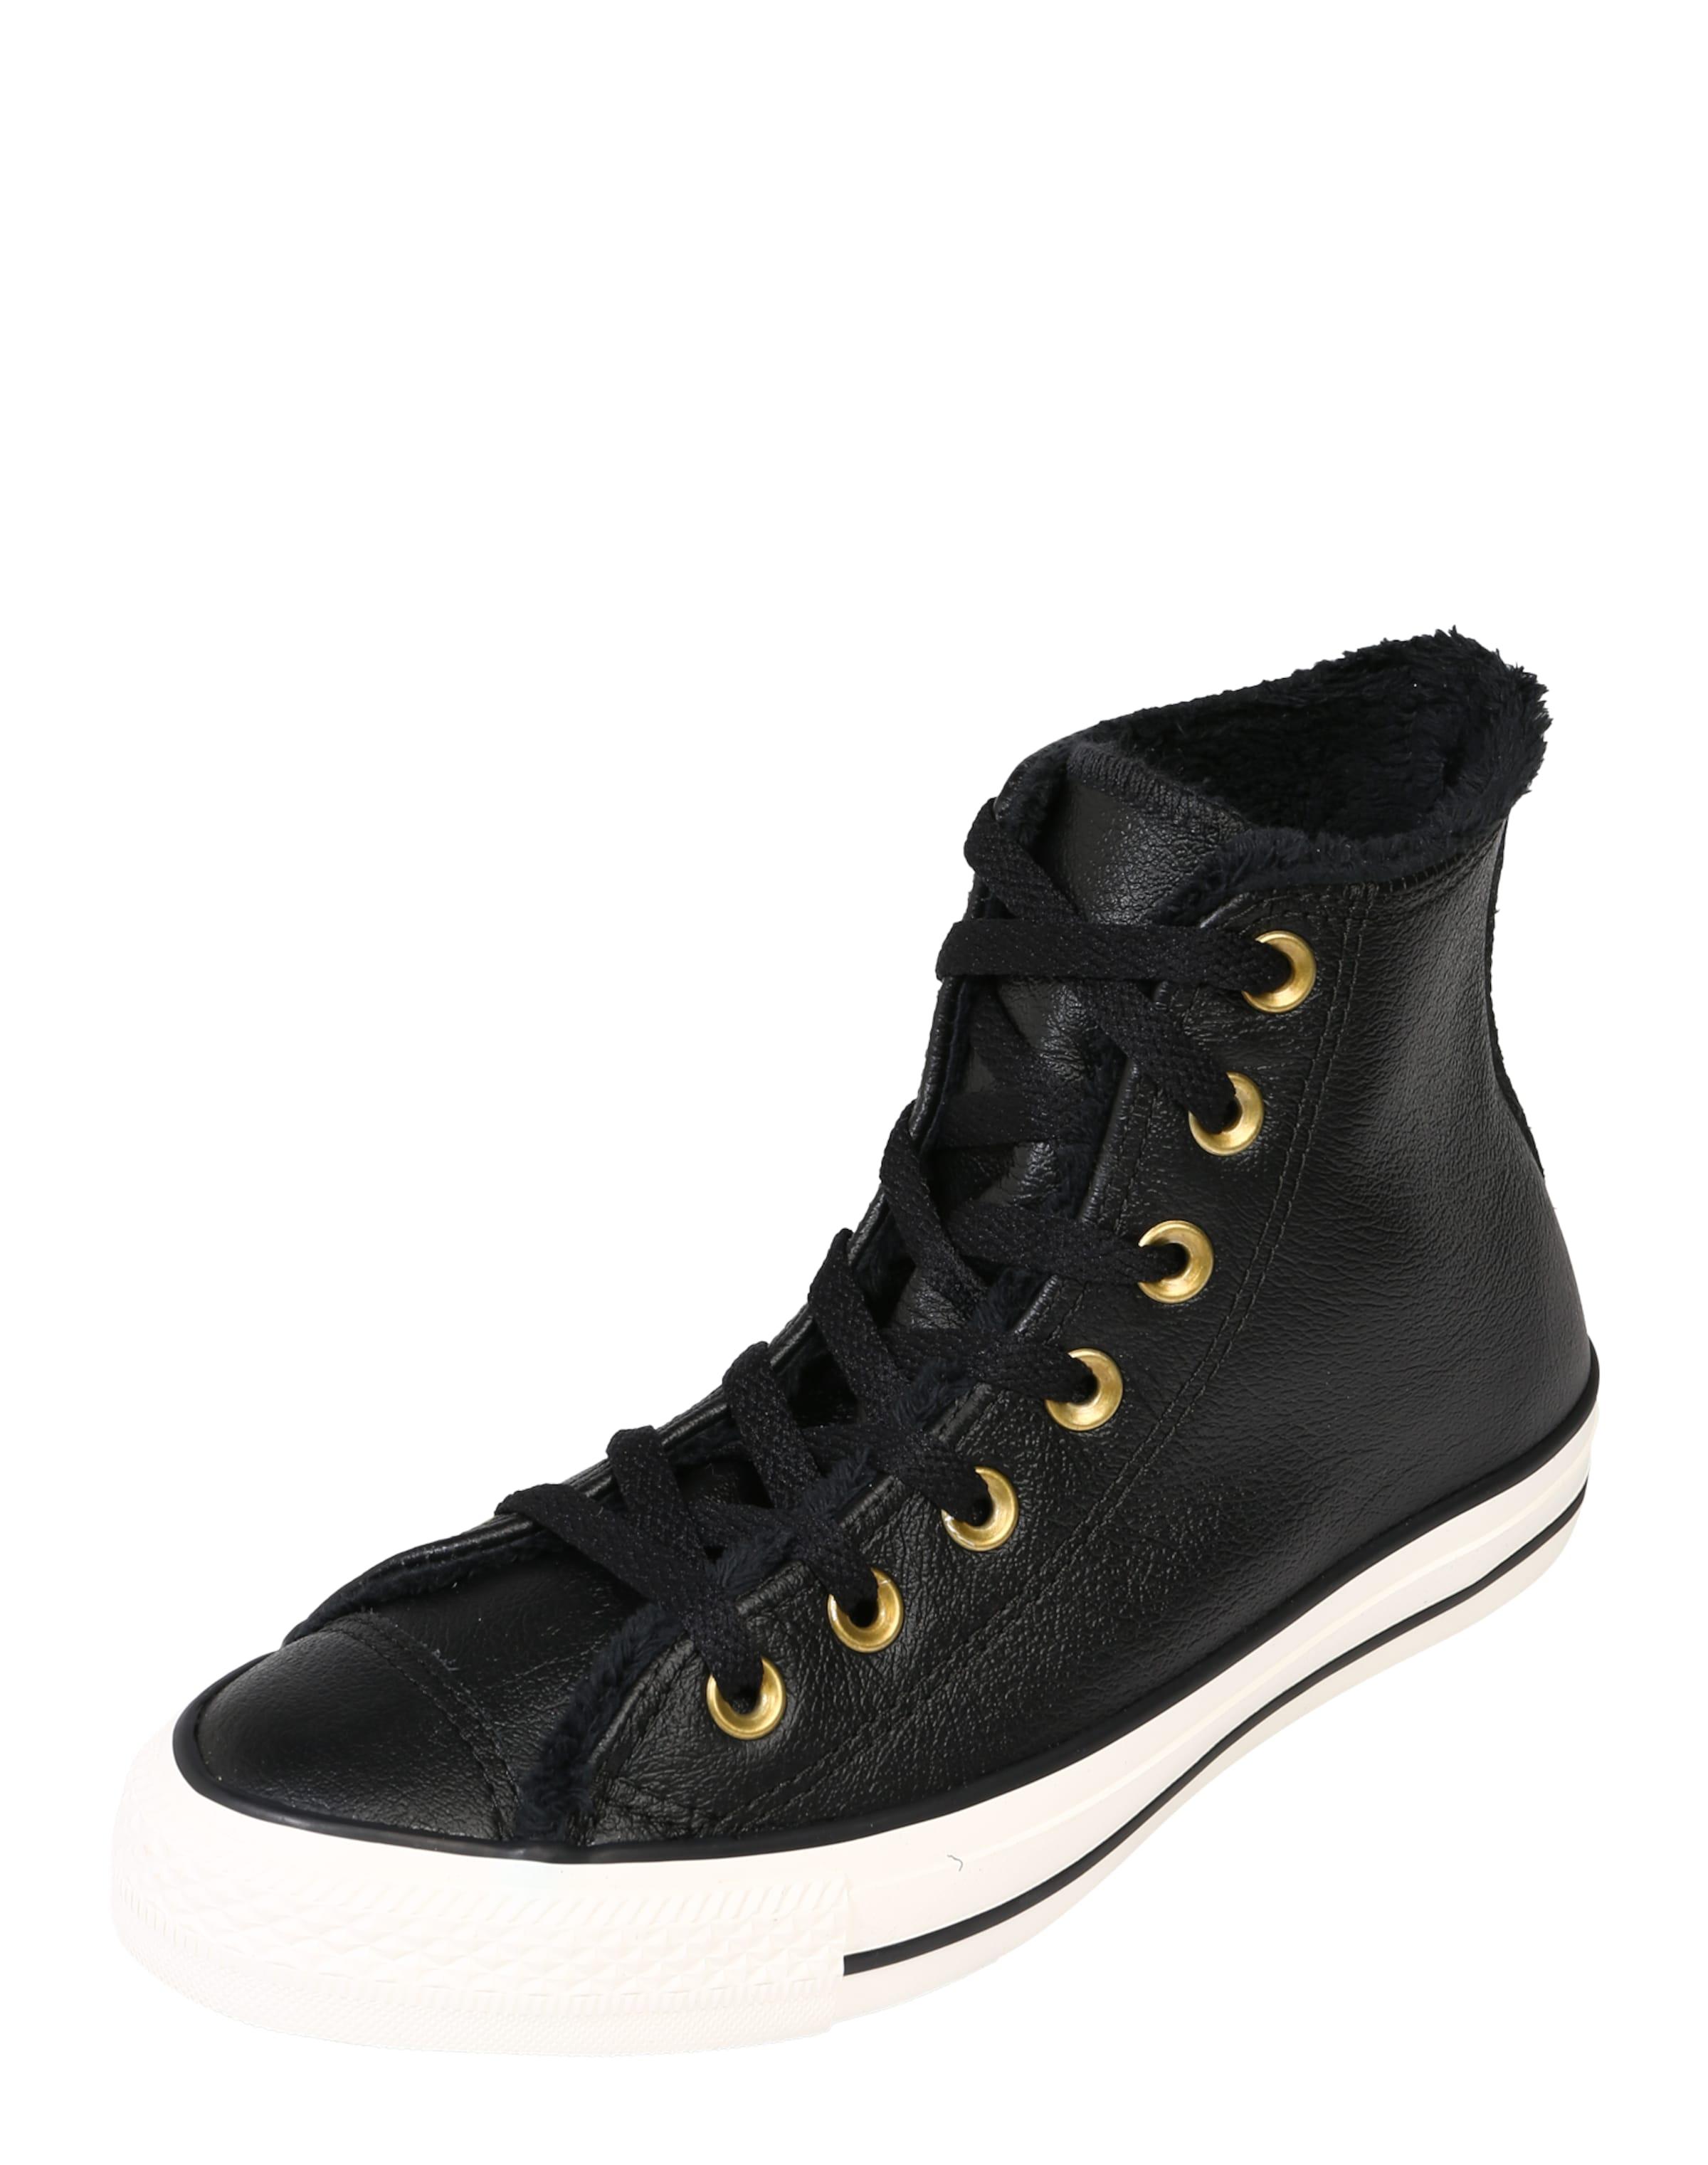 Neuester Günstiger Preis Billig Verkauf Mit Paypal CONVERSE Sneaker 'Chuck Taylor All Star Hi' Visa-Zahlung Verkauf Online Rabatt Kosten gXxDc